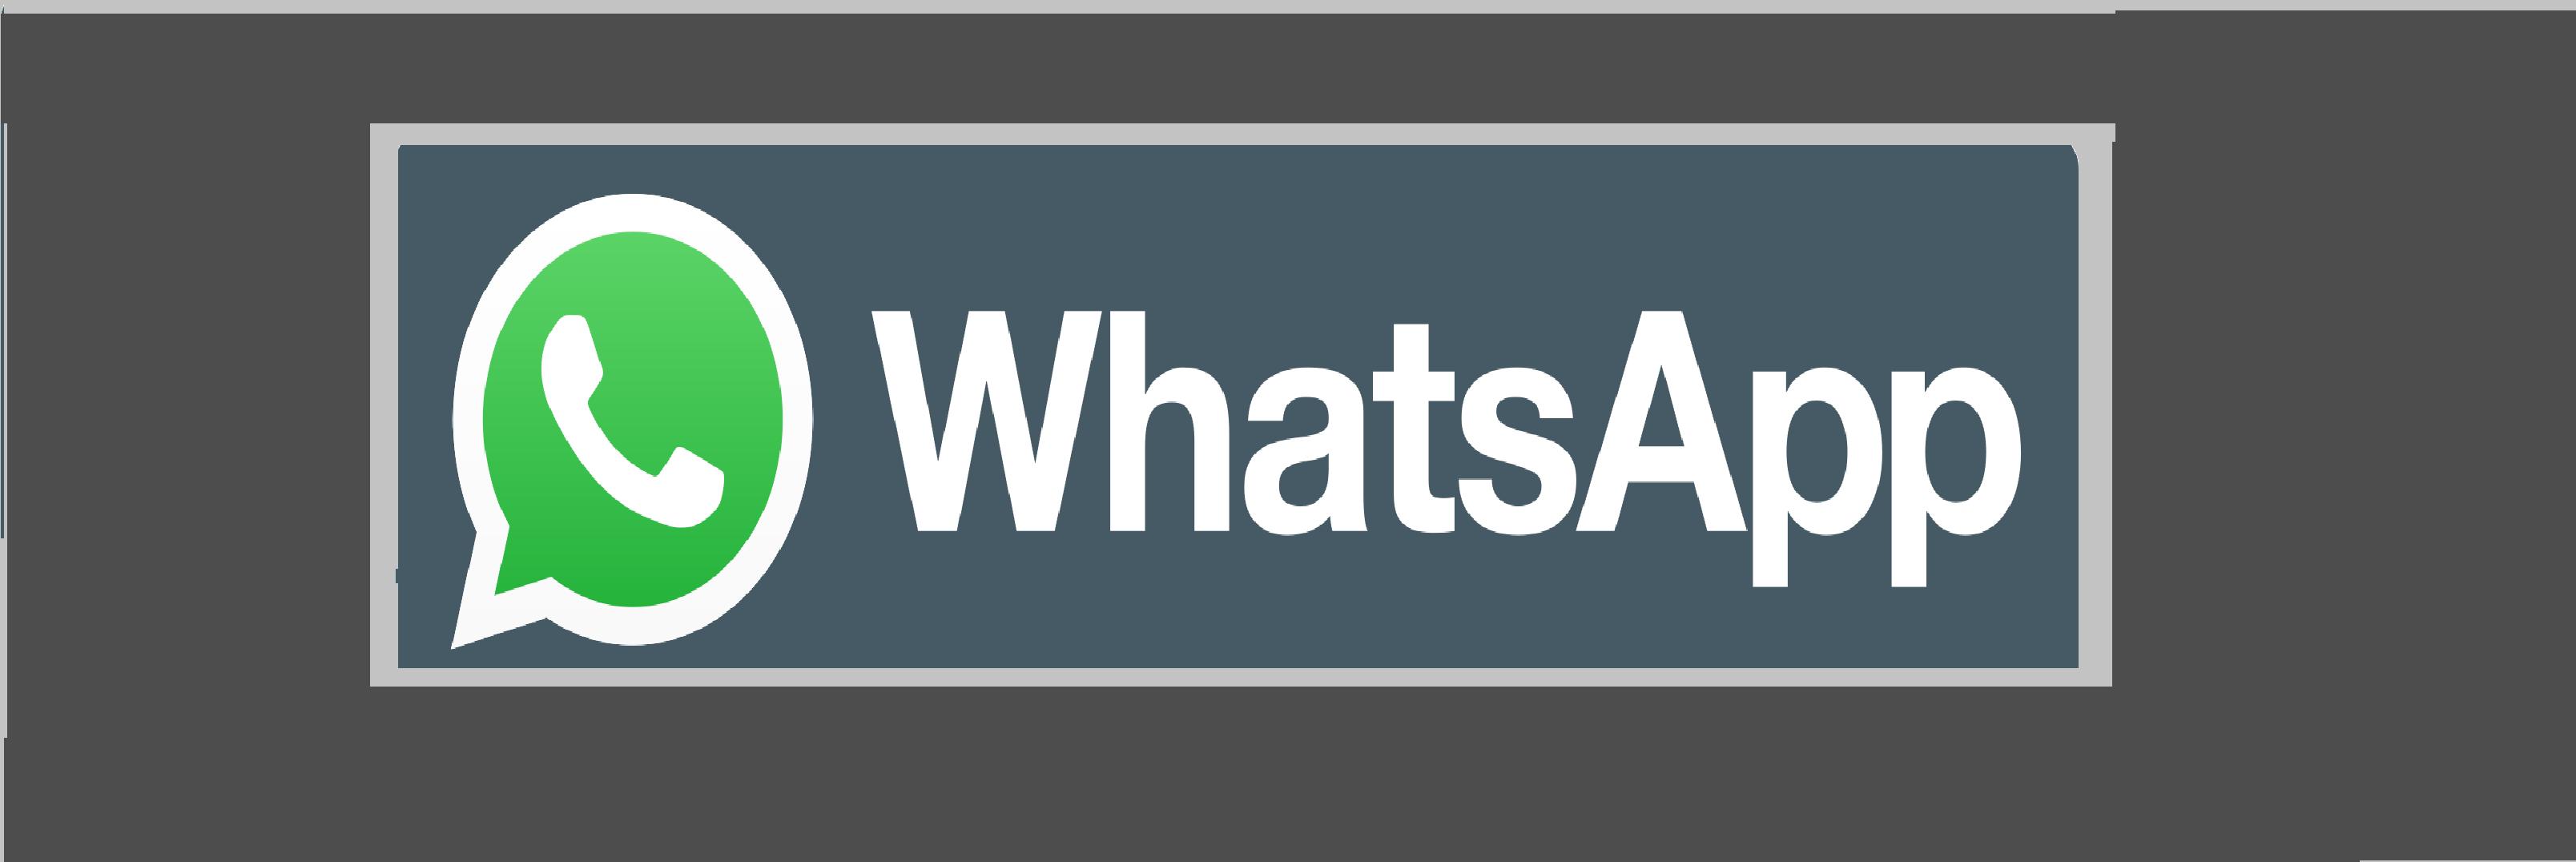 how to update status on whatsapp